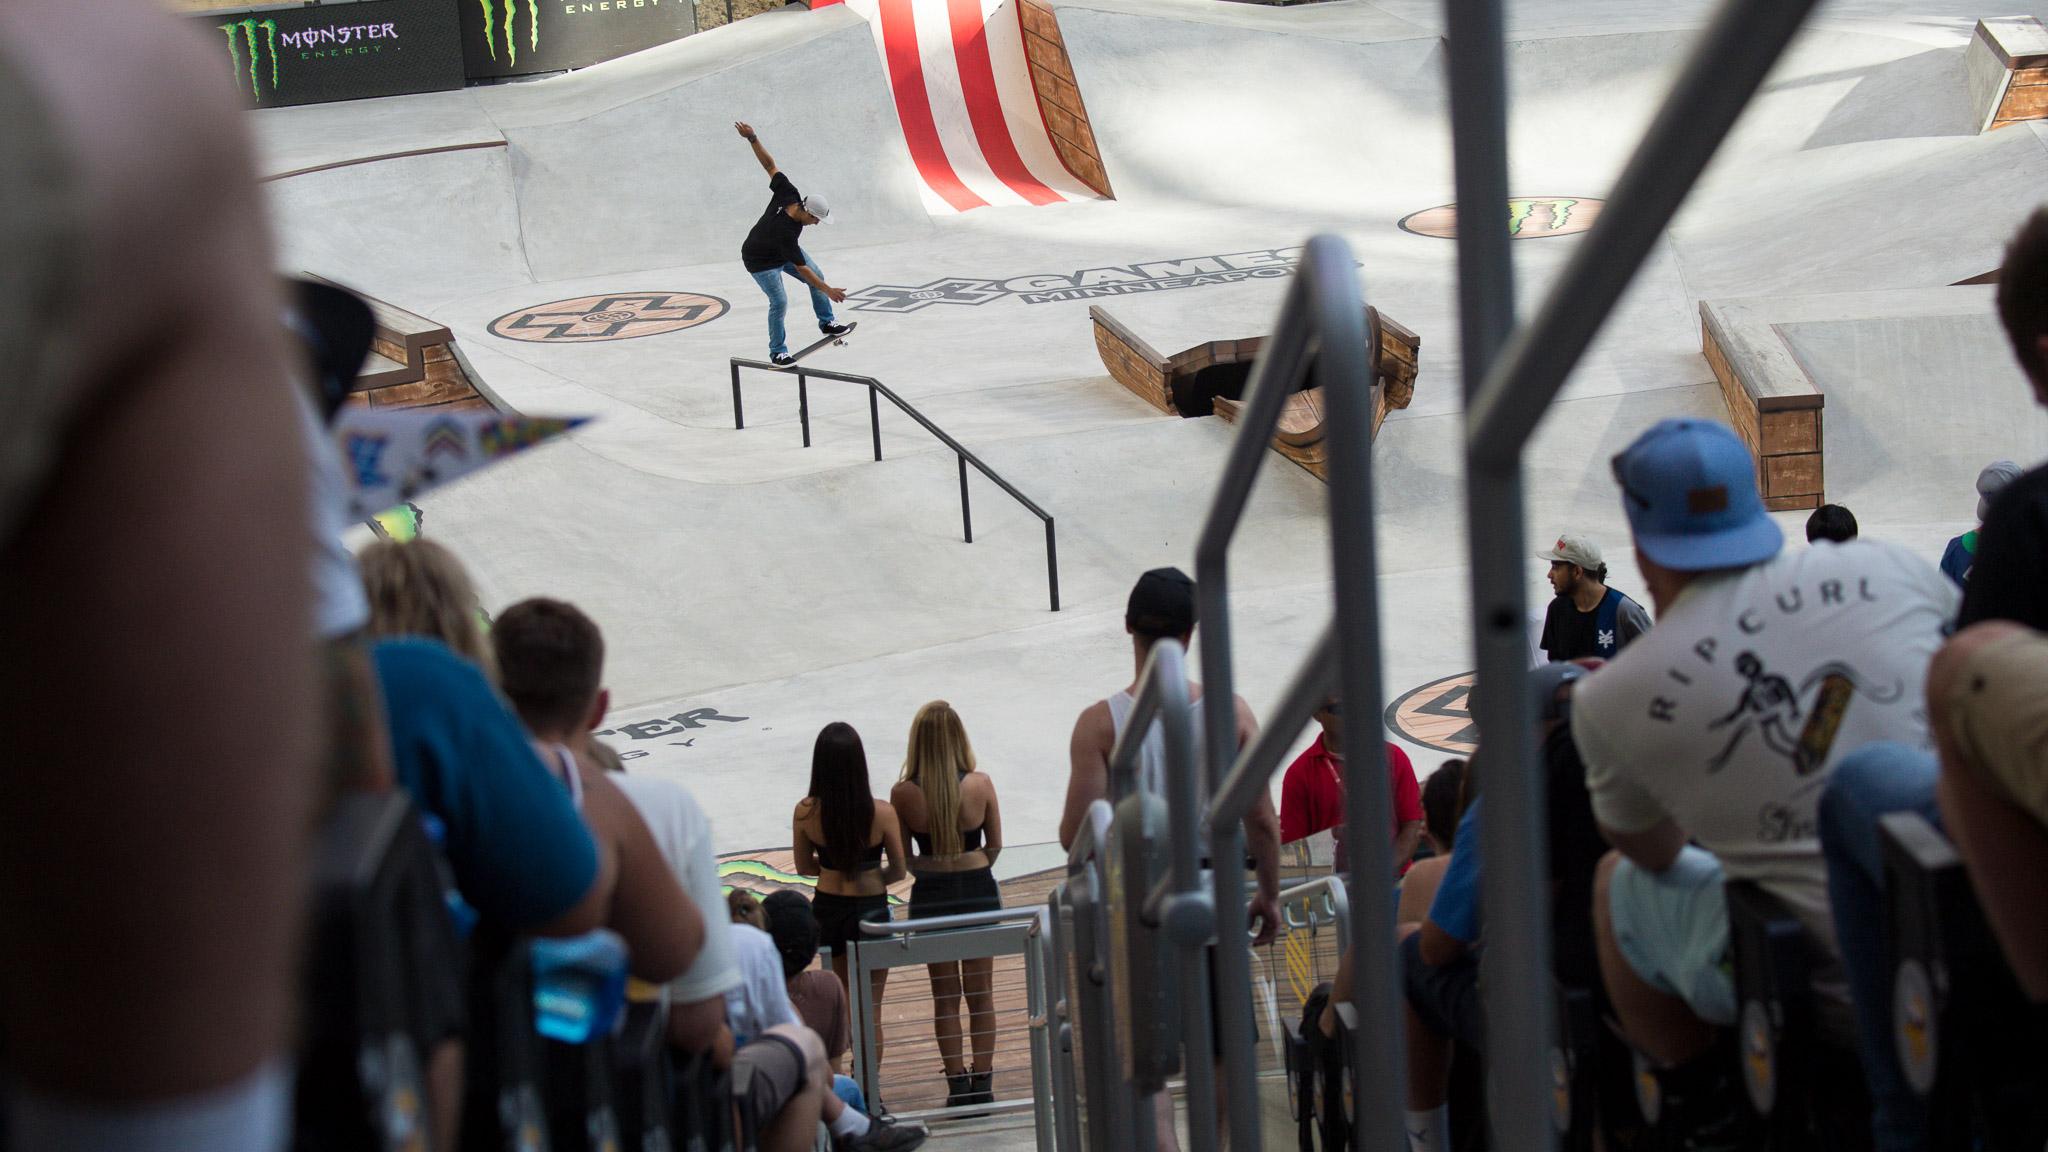 Men's Skateboard Street